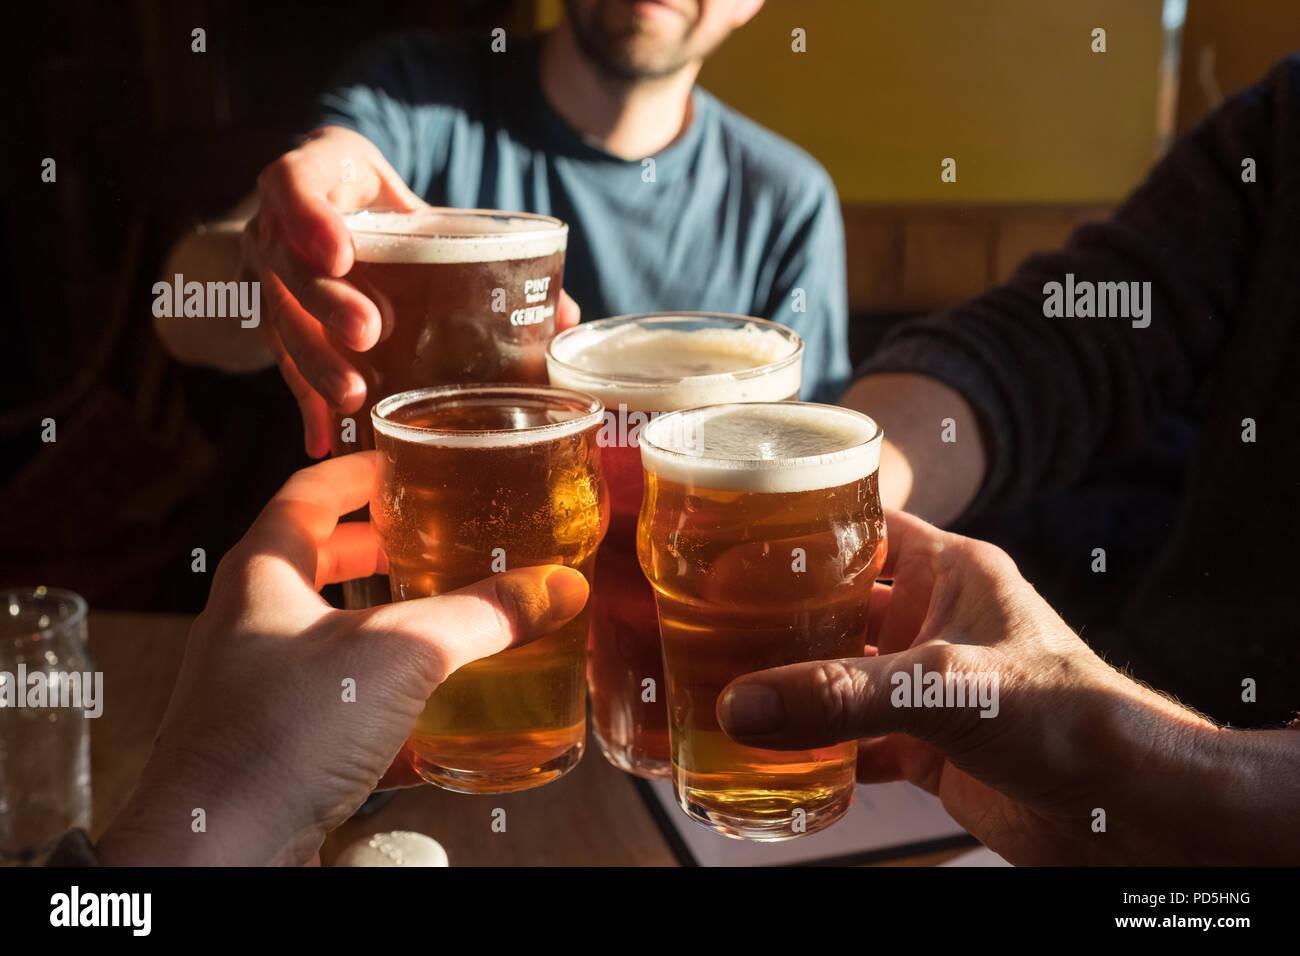 Un gruppo di quattro vetri clink (2 pinte di botte ale e 2 mezze pinte di sidro) e dire ciao al Black Bull Inn in Frosterley, County Durham, Regno Unito. Immagini Stock